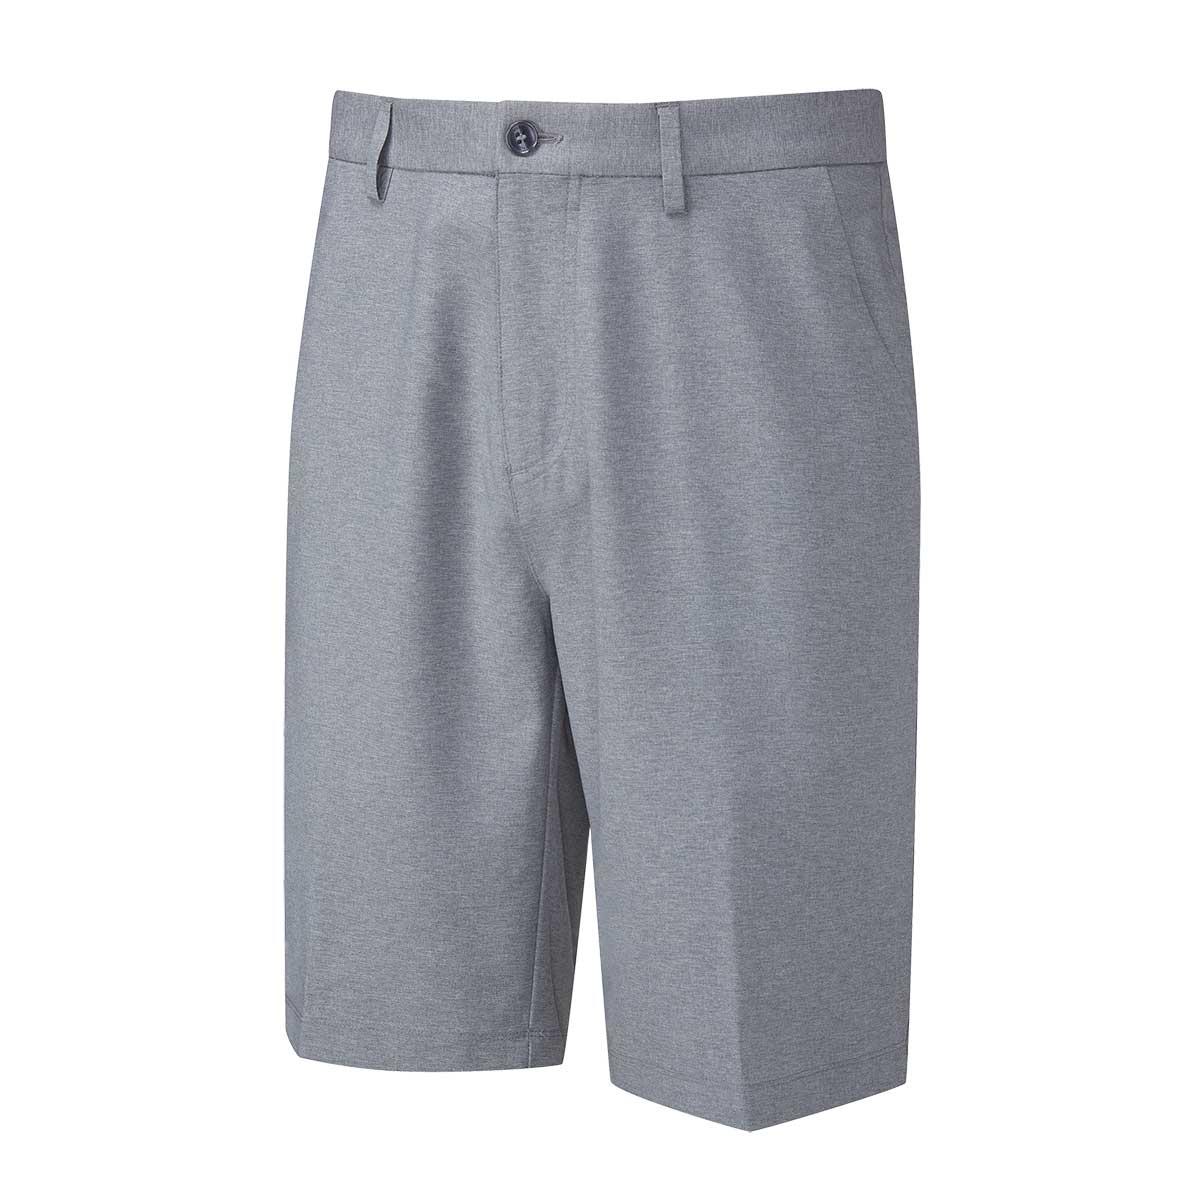 Ping 2019 Hendrick Short